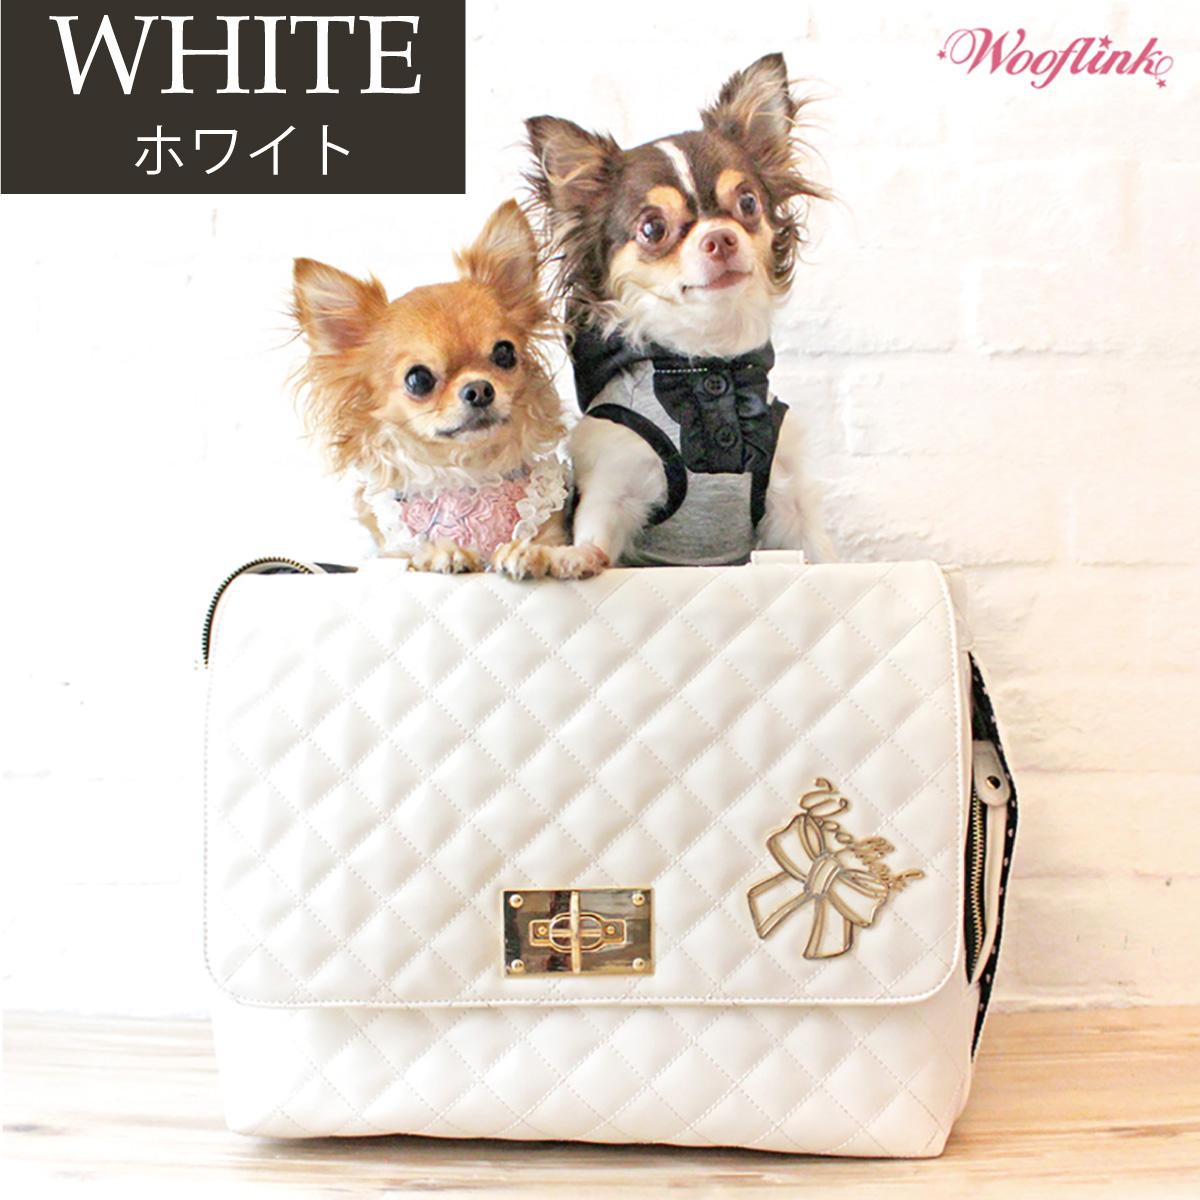 カラー・ホワイト